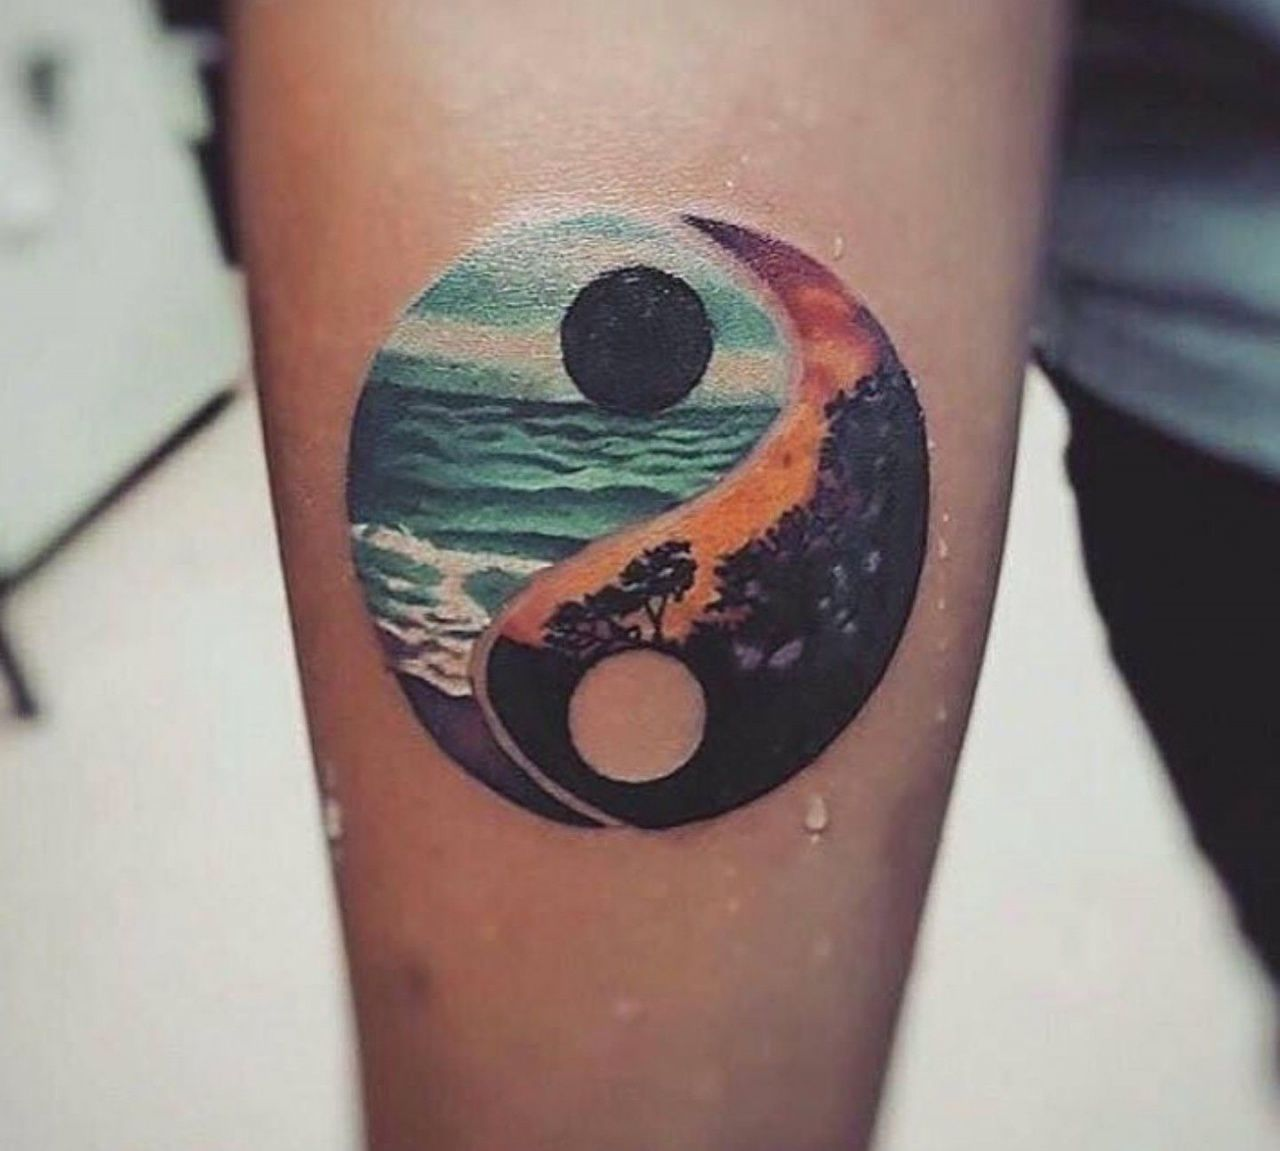 Pen Tattoos Ying Yang On Hand Easy For Kids In 2020 Tattoos Tattoos For Women Meaningful Tattoos For Men